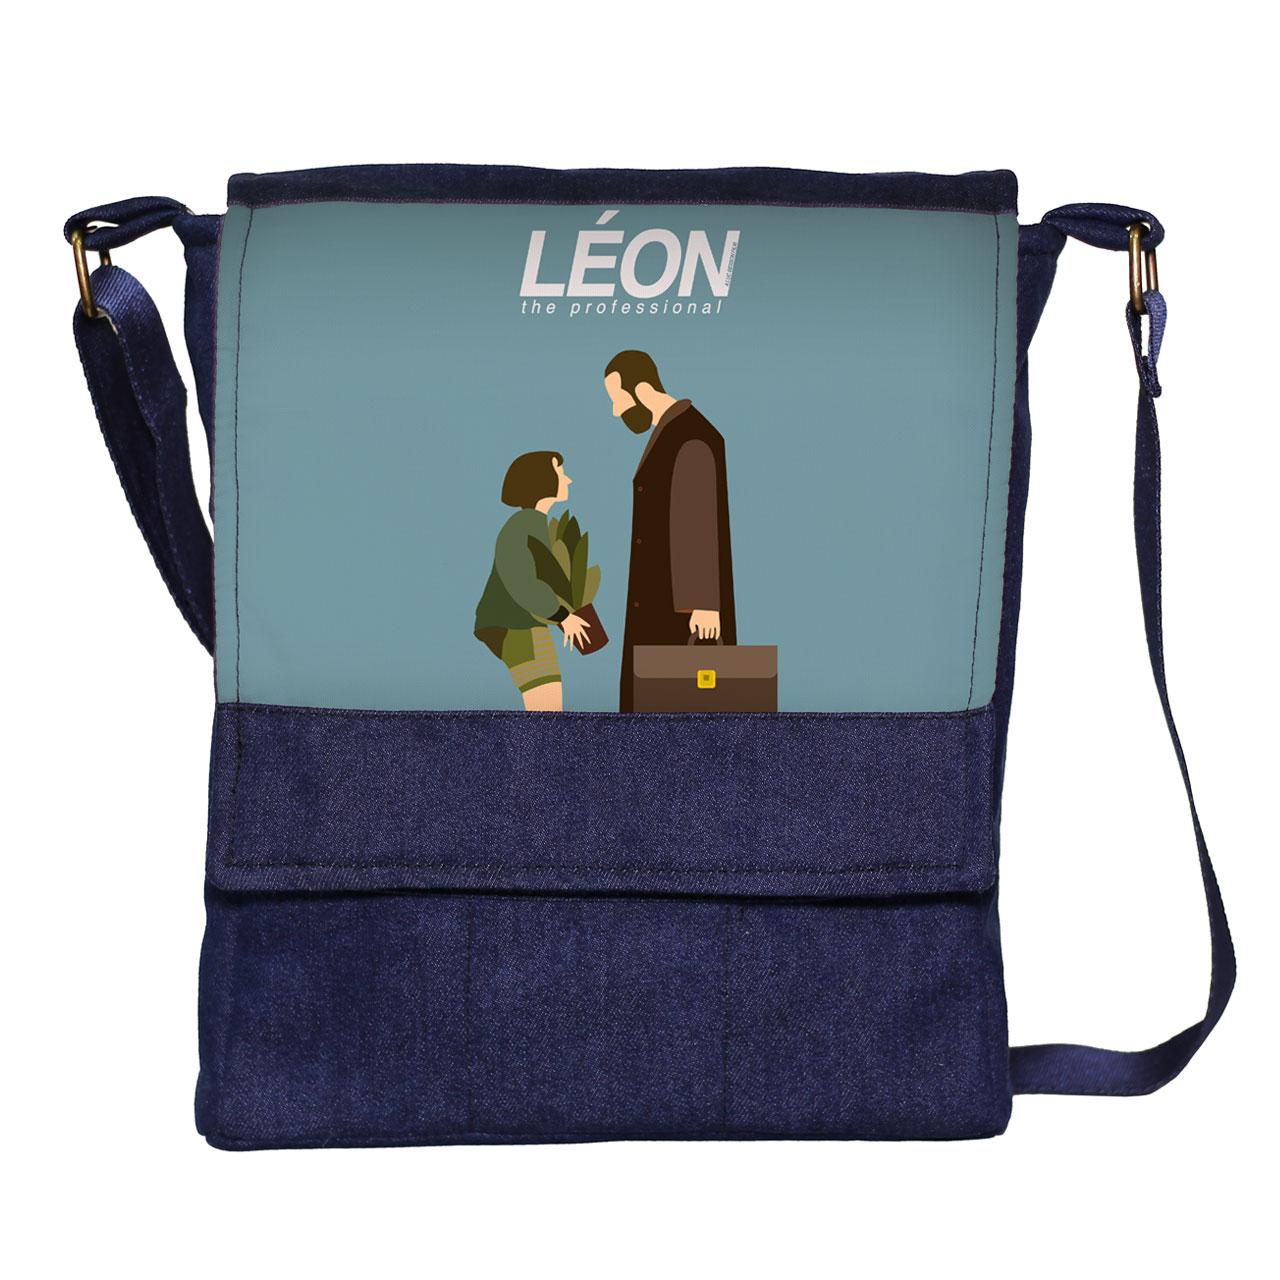 کیف دوشی گالری چی چاپ طرح leon کد 1044